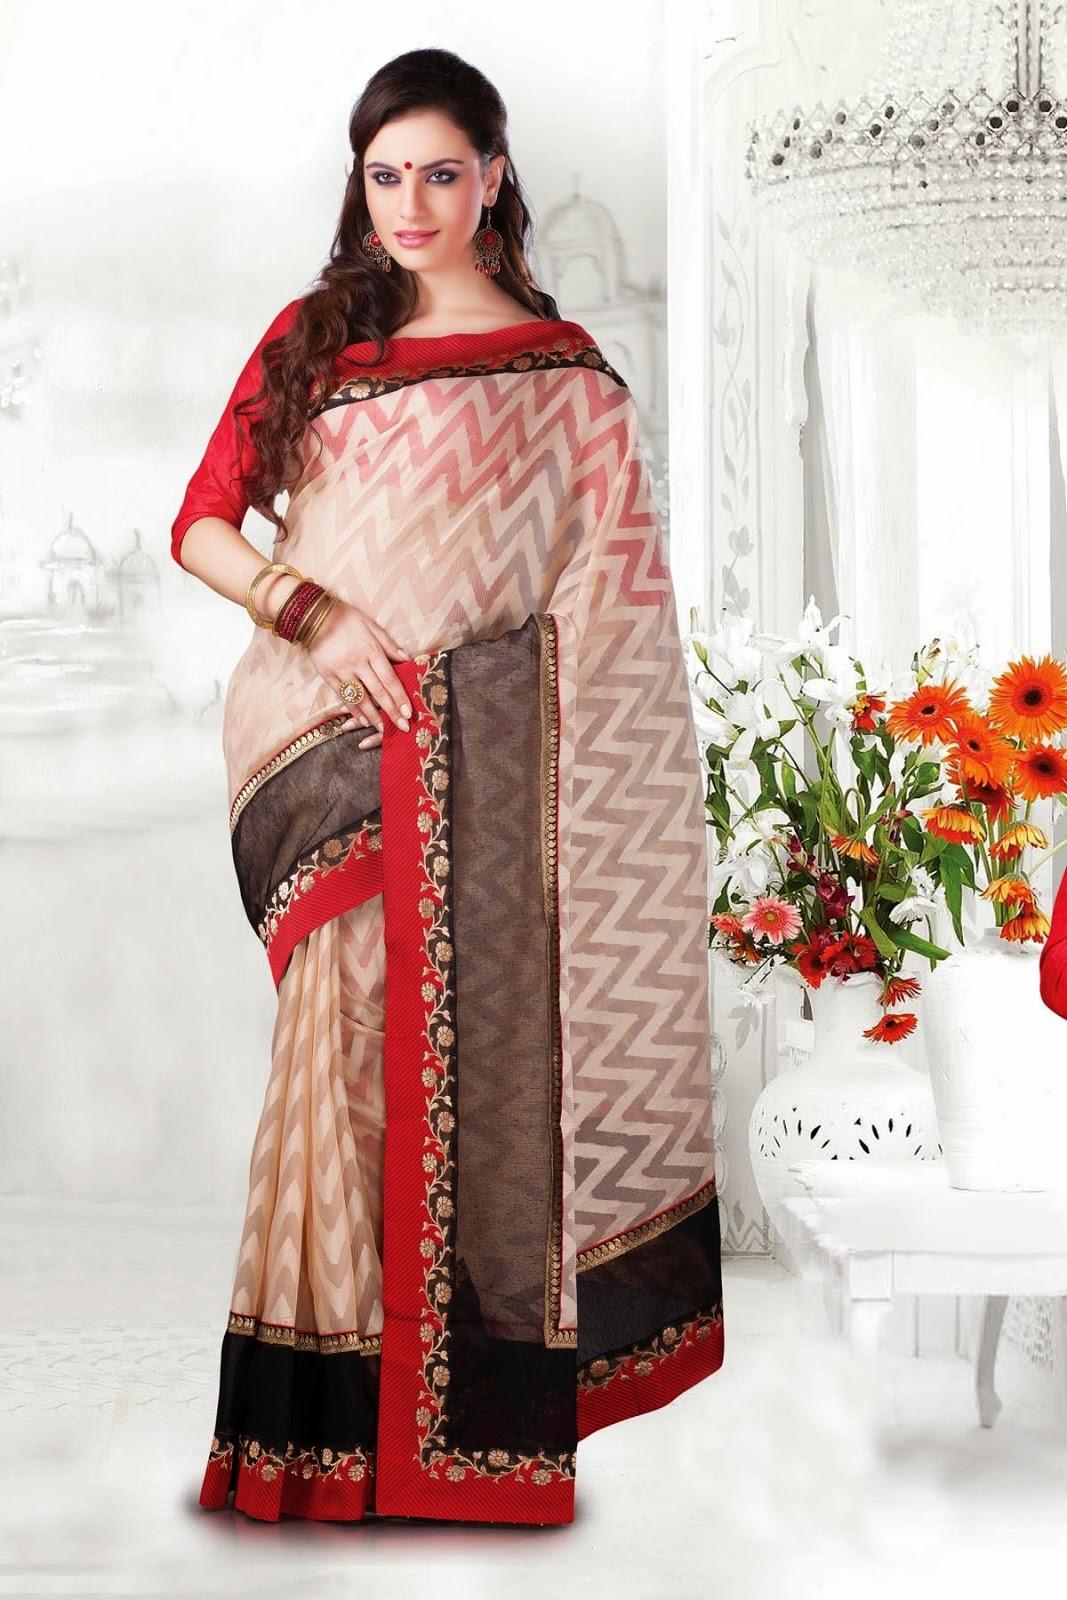 Hairstyles For Short Hair On Salwar Suits : ... designs, latest salwar kameez neck patterns 1, salwar kameez neck